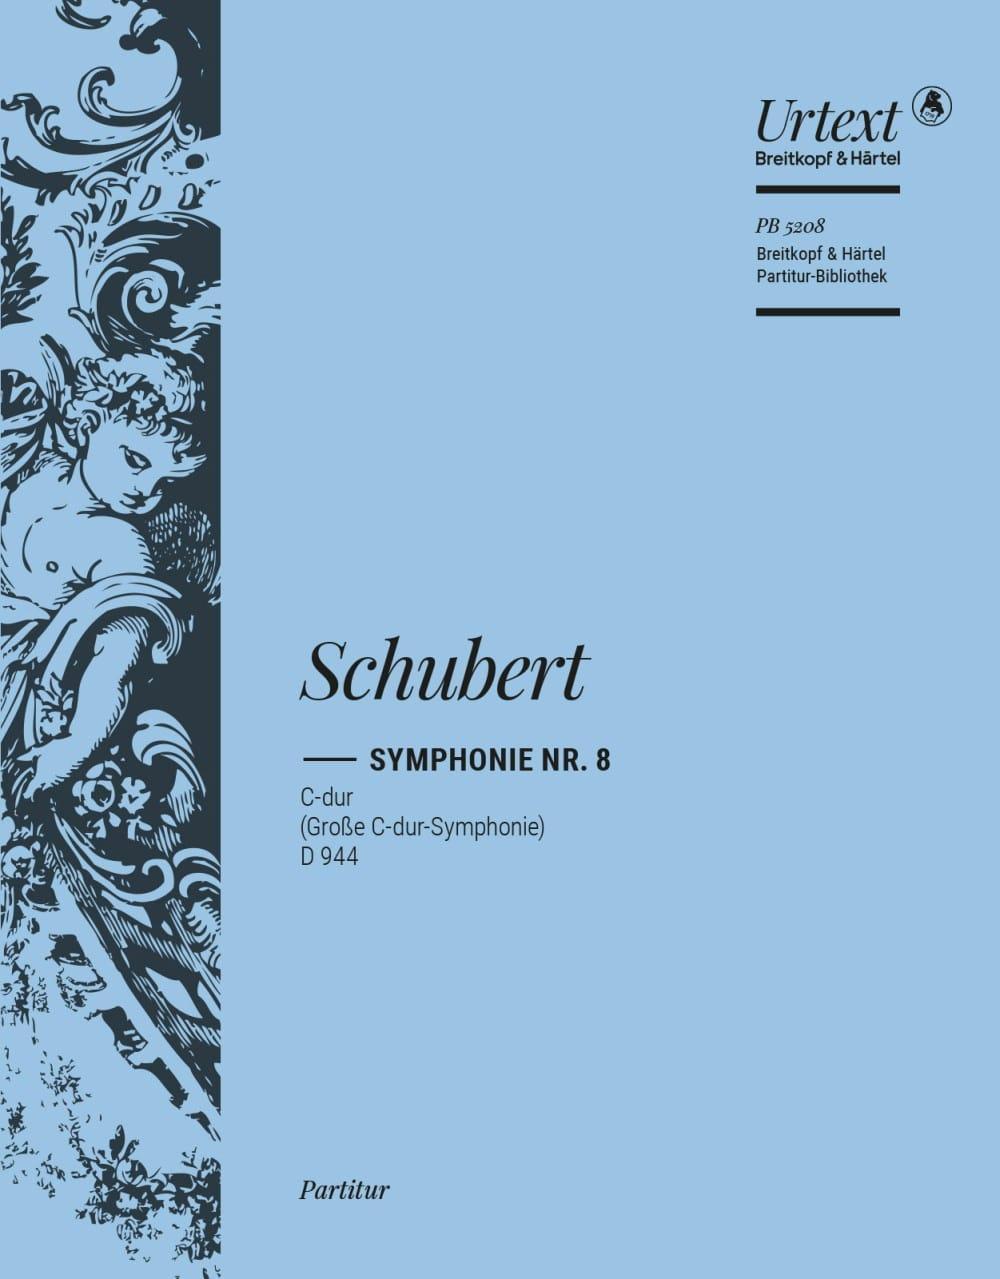 Symphonie, Nr. 8 C-dur D 944 - Partitur - SCHUBERT - laflutedepan.com